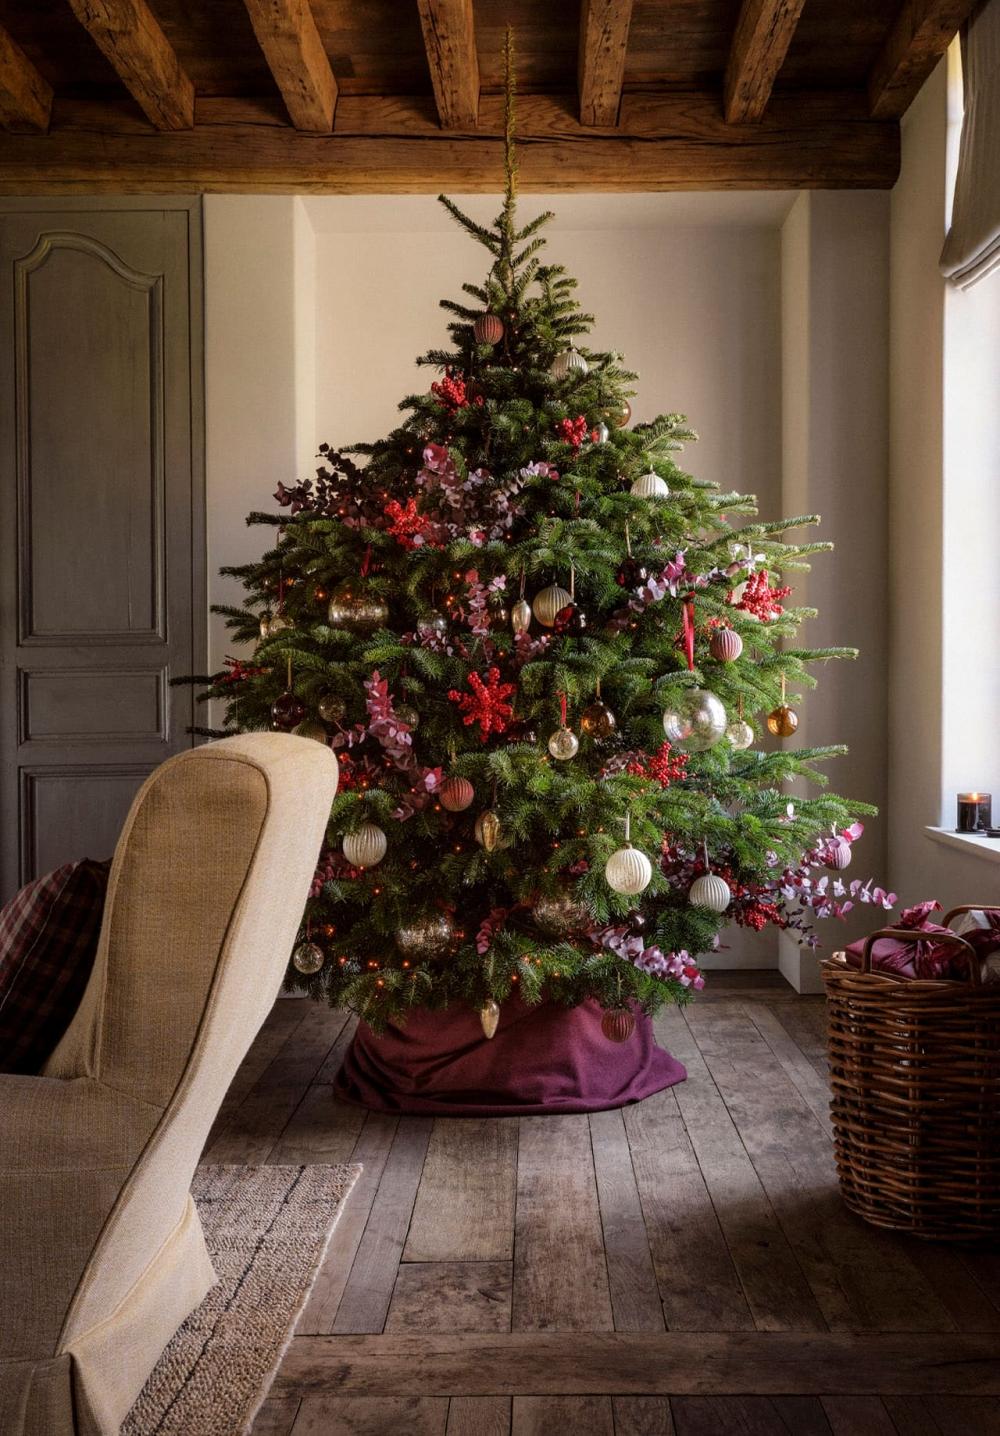 zara-home-christmas-collection-3.jpg